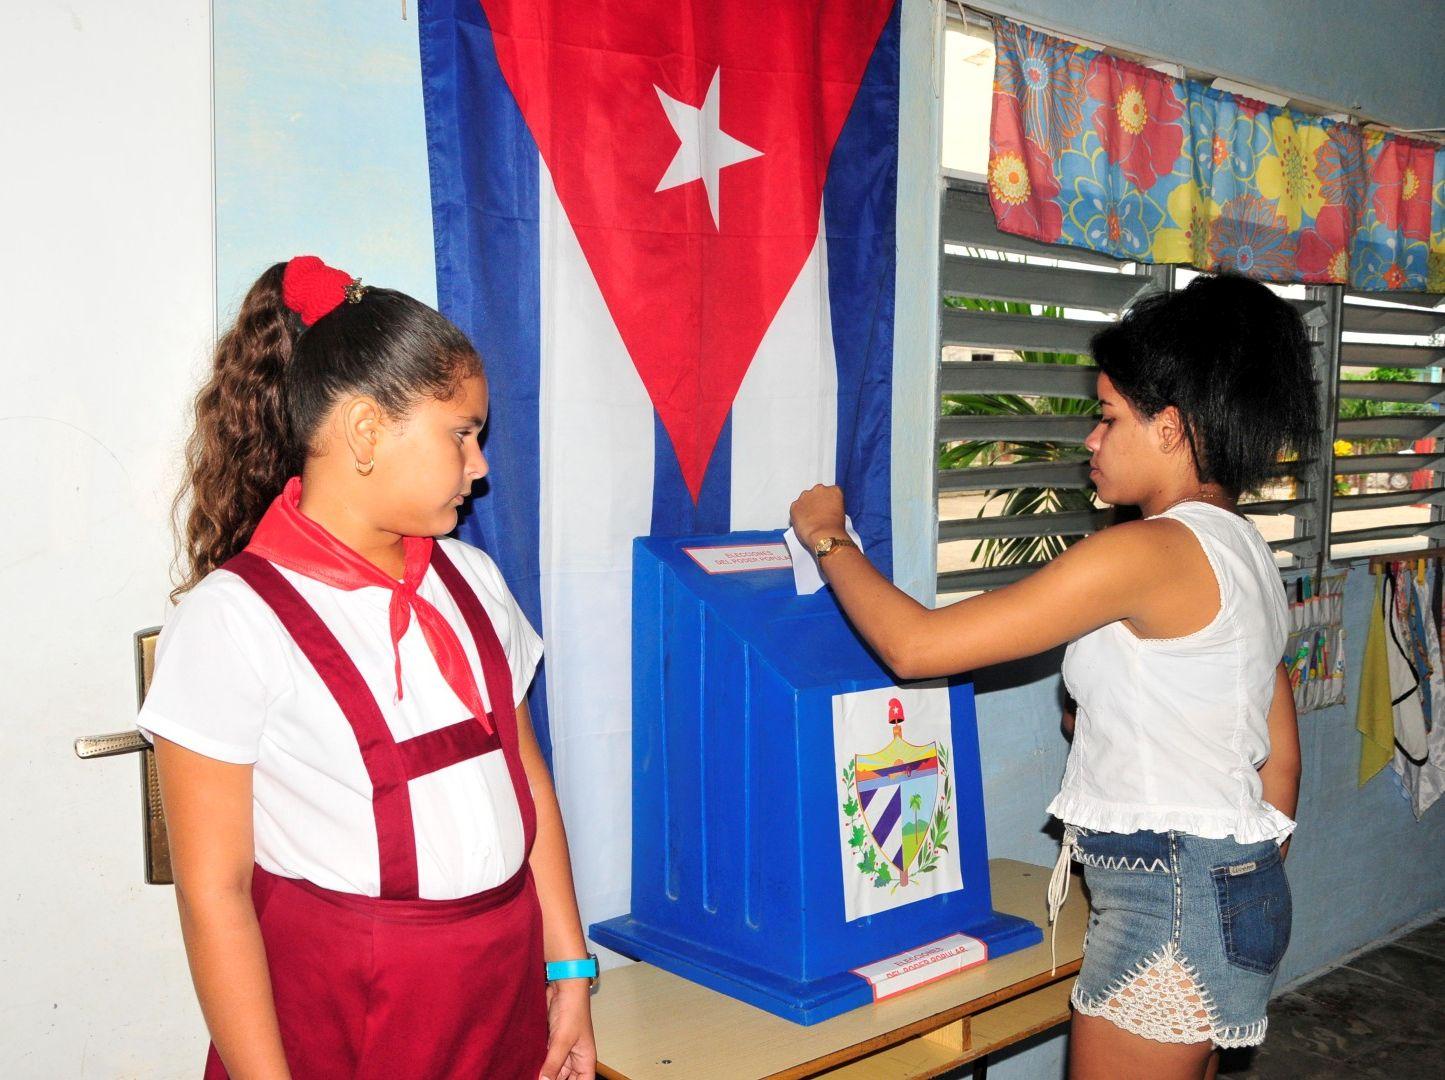 sancti spiritus en elecciones, elecciones generales en cuba 2018